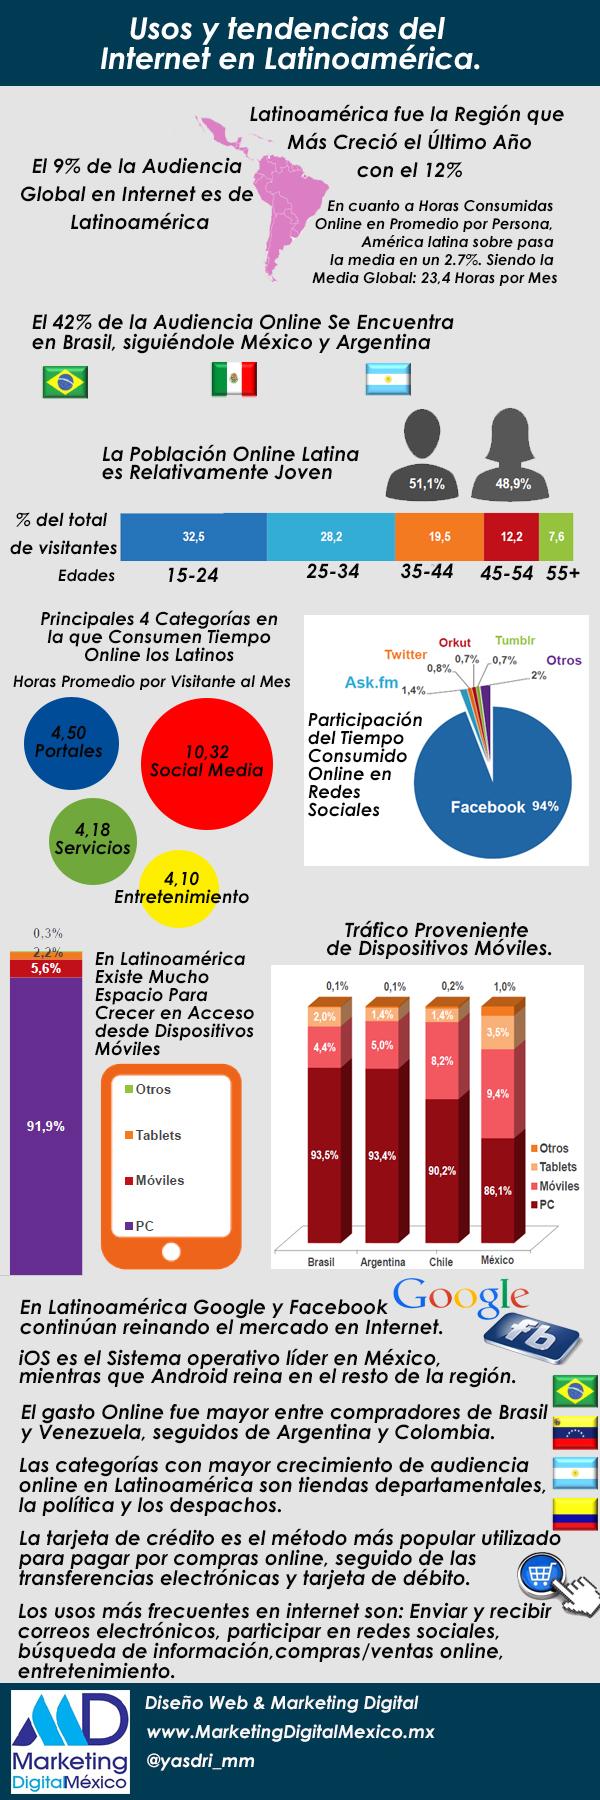 Usos-y-tendencias-del-internet-en-Latinoamerica